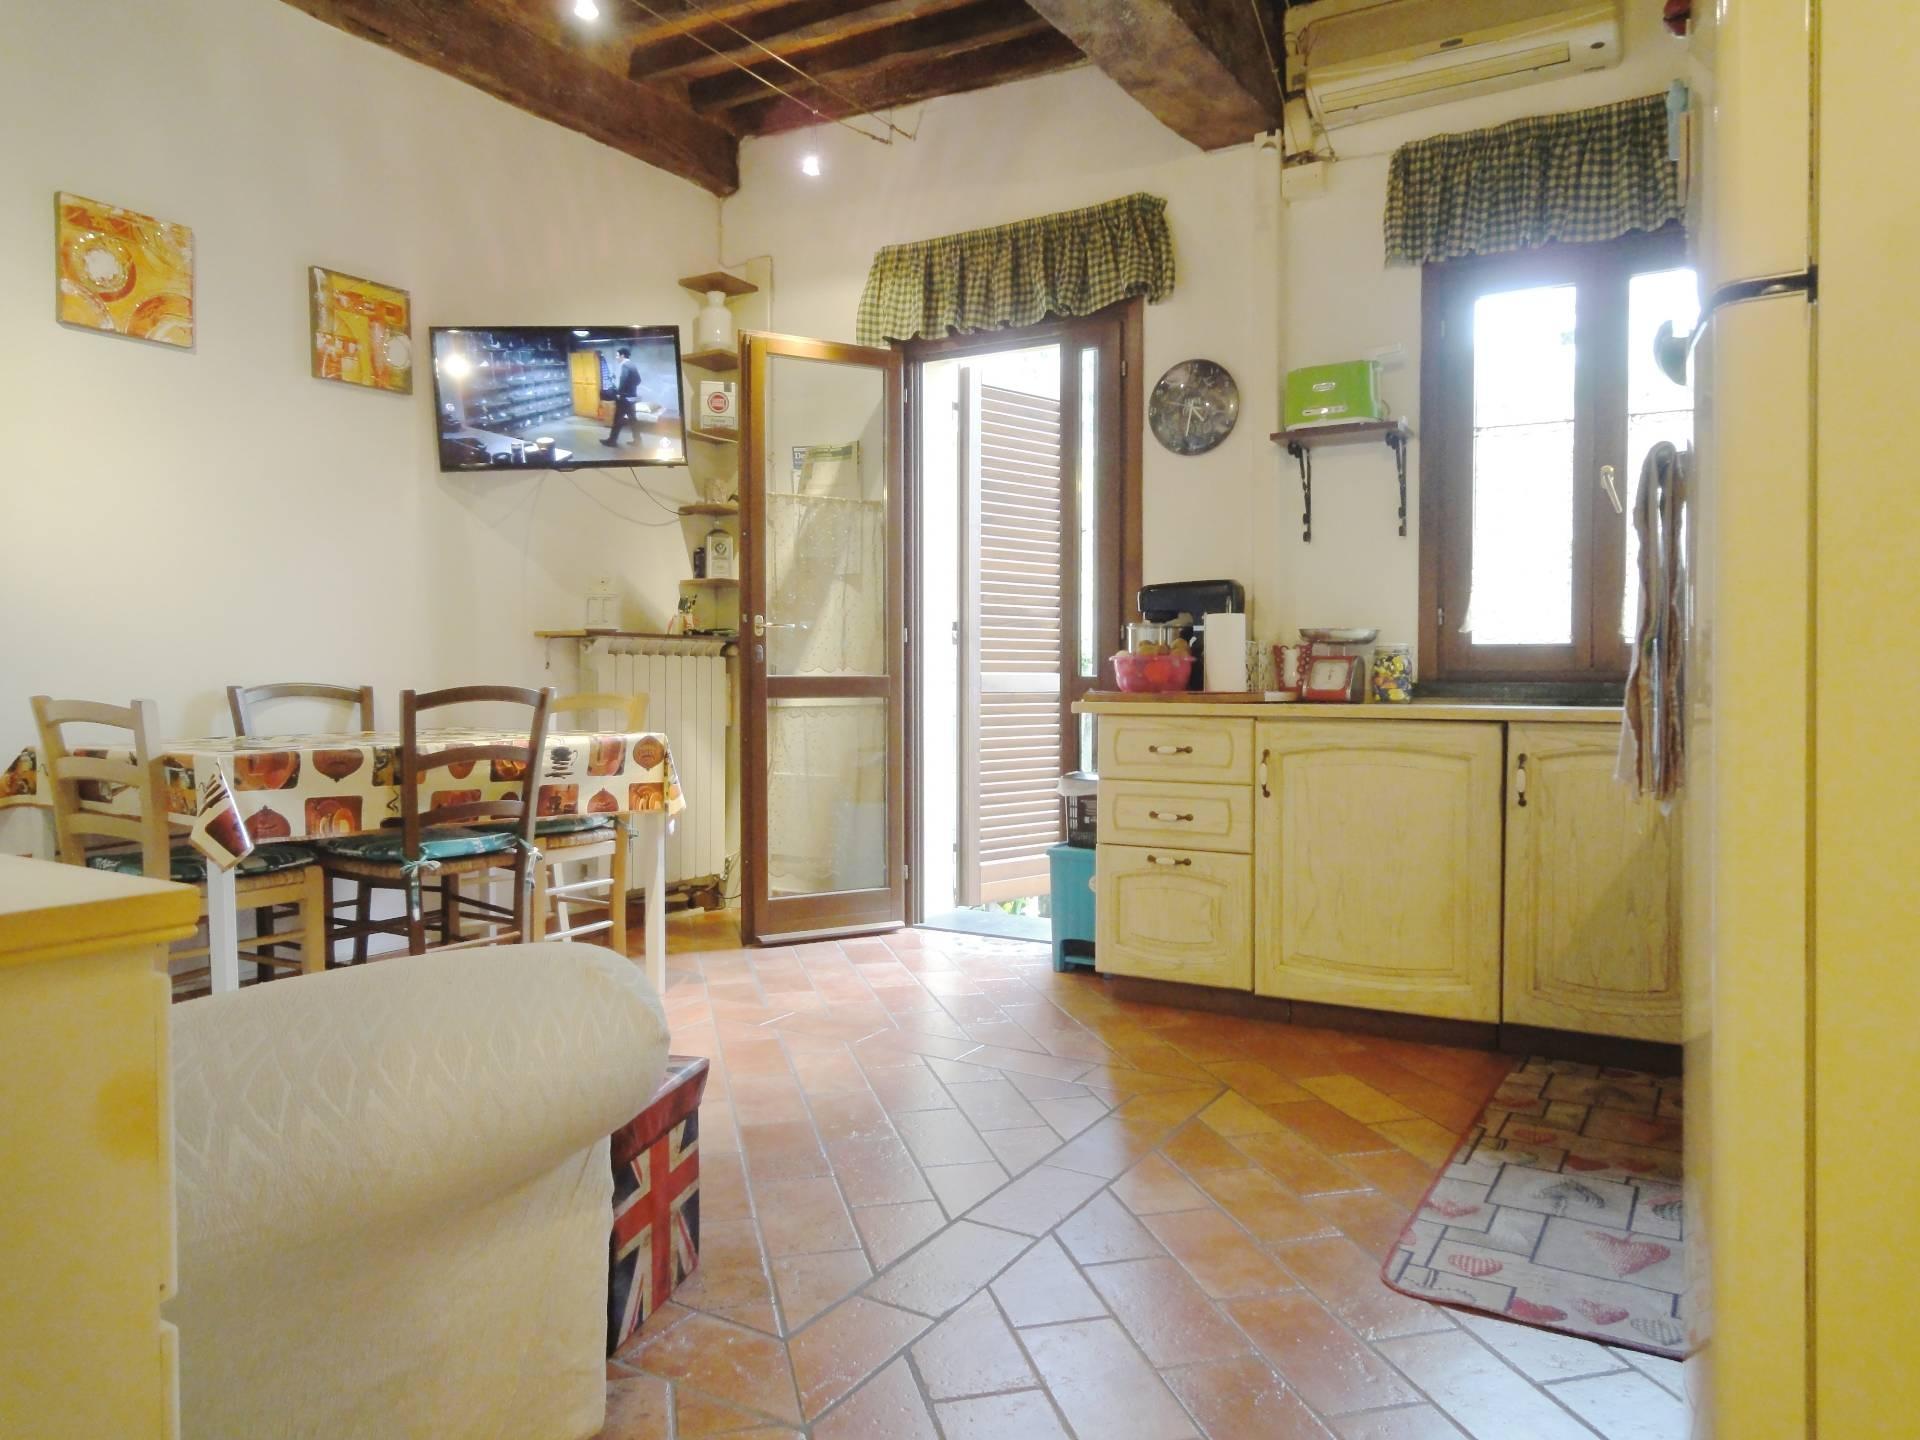 Appartamento in affitto a Montopoli in Val d'Arno, 2 locali, zona Zona: Casteldelbosco, prezzo € 430 | CambioCasa.it